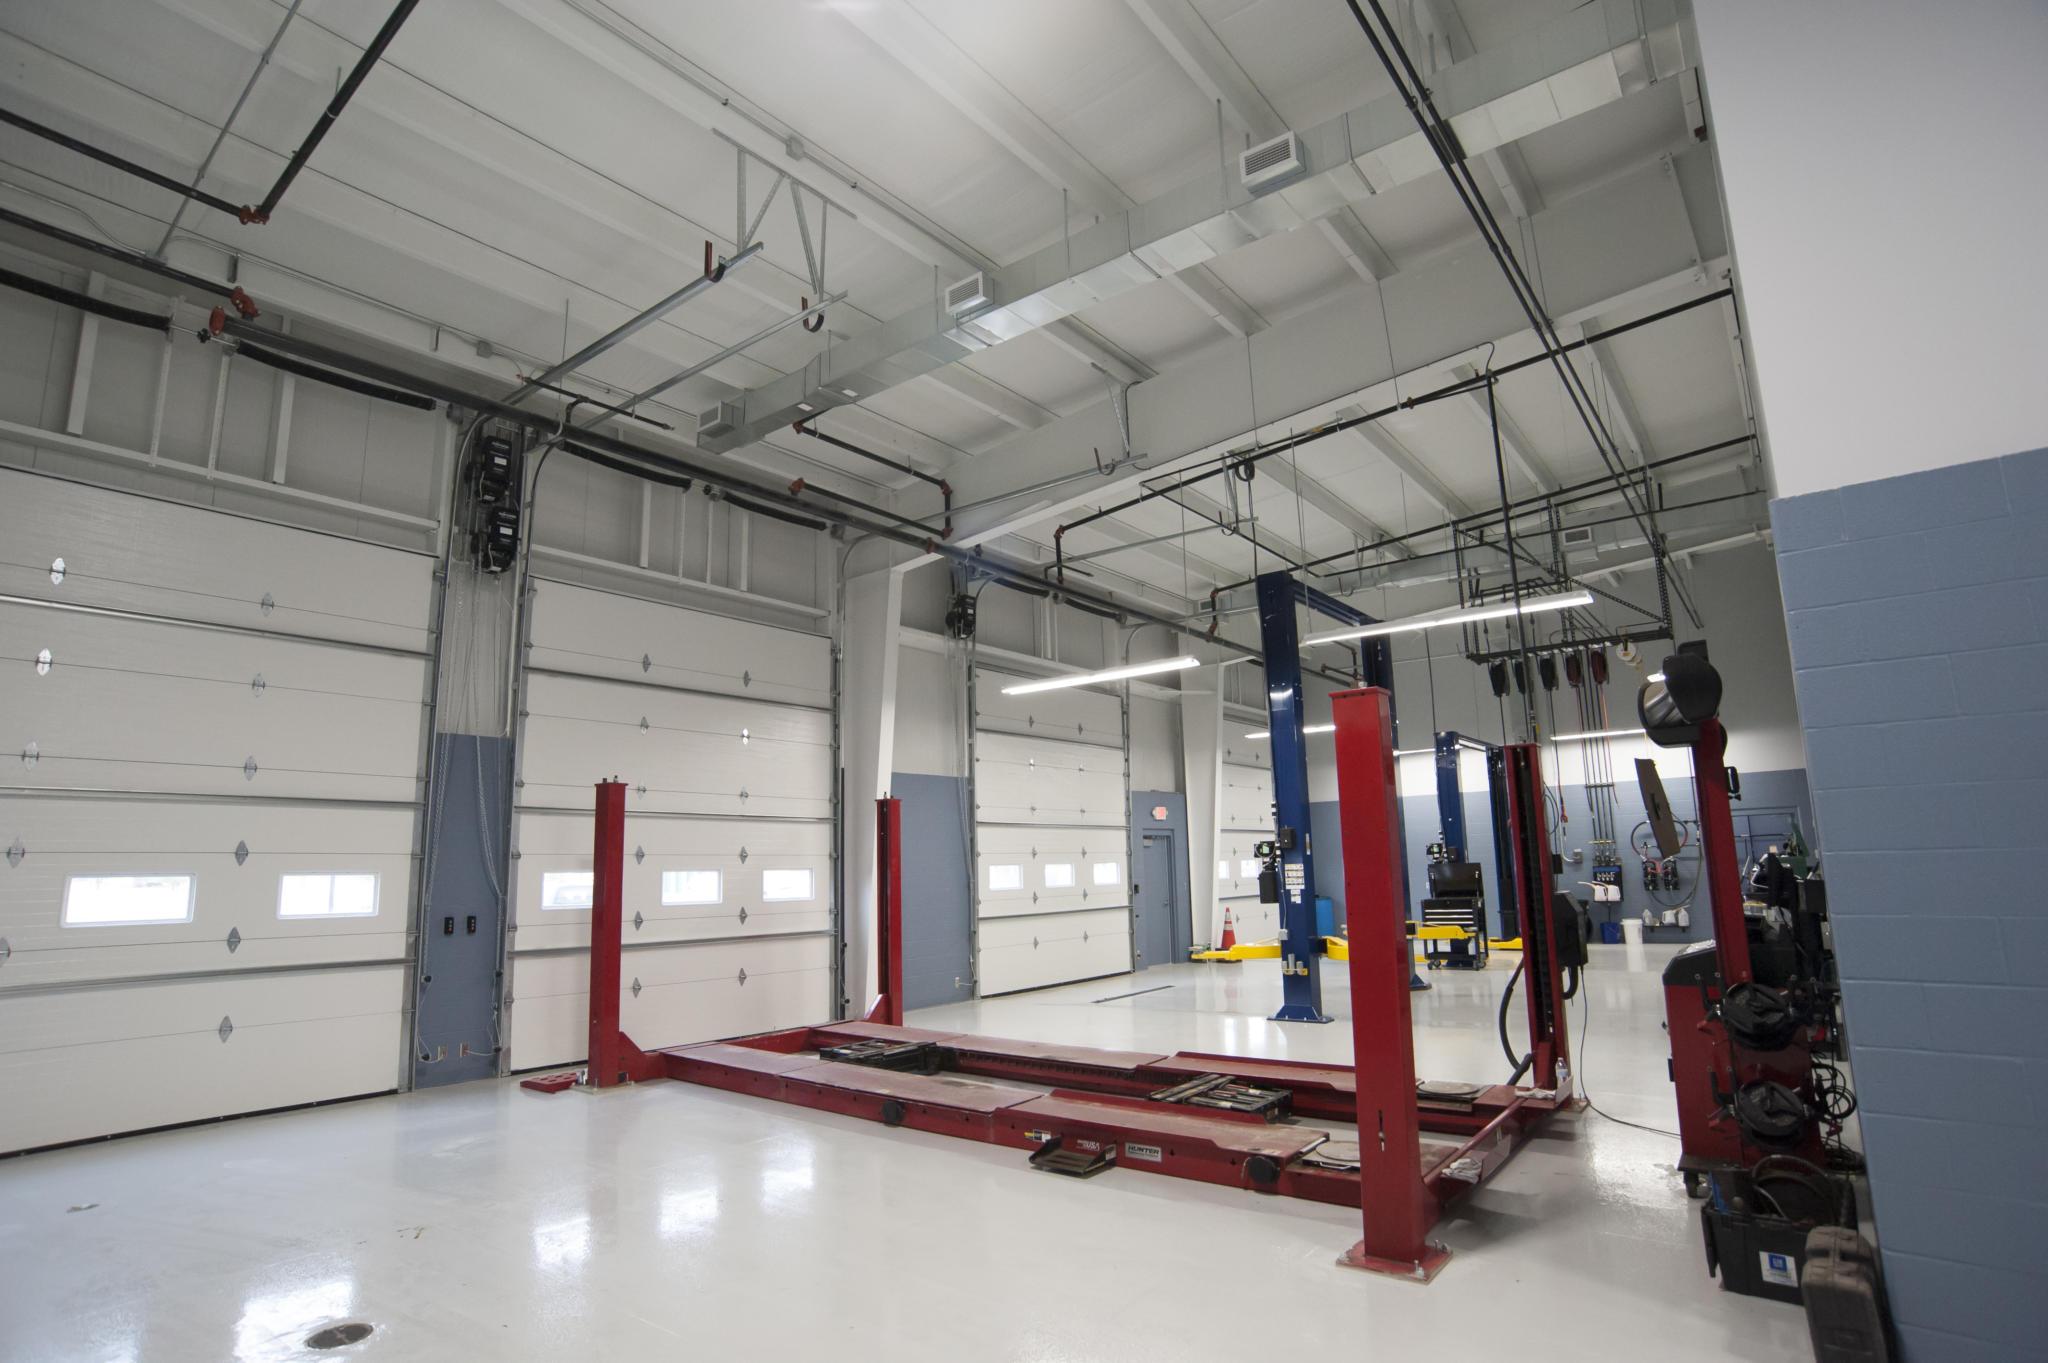 image of garage doors inside auto repair shop